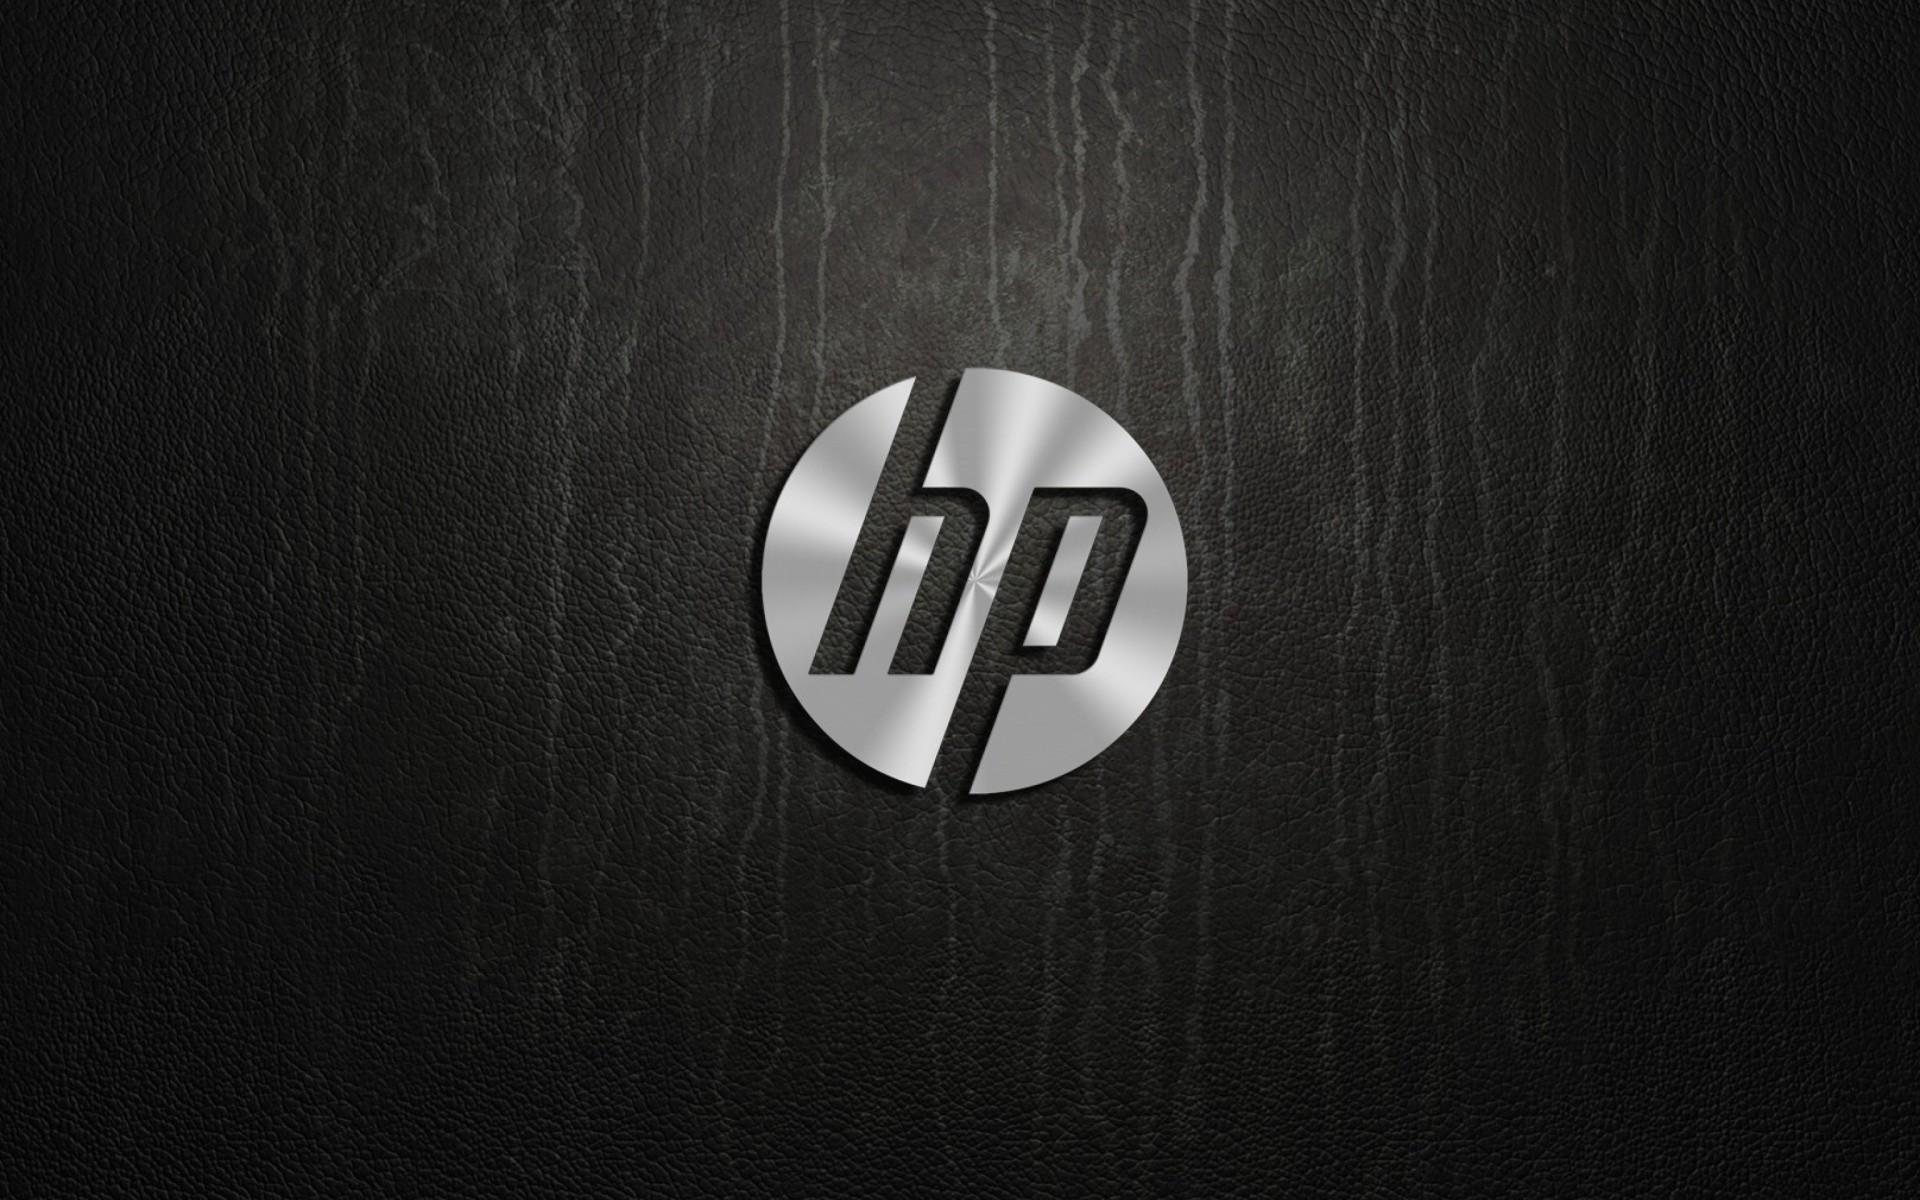 hp wallpaper hd, hewlett packard enterprise wallpapers